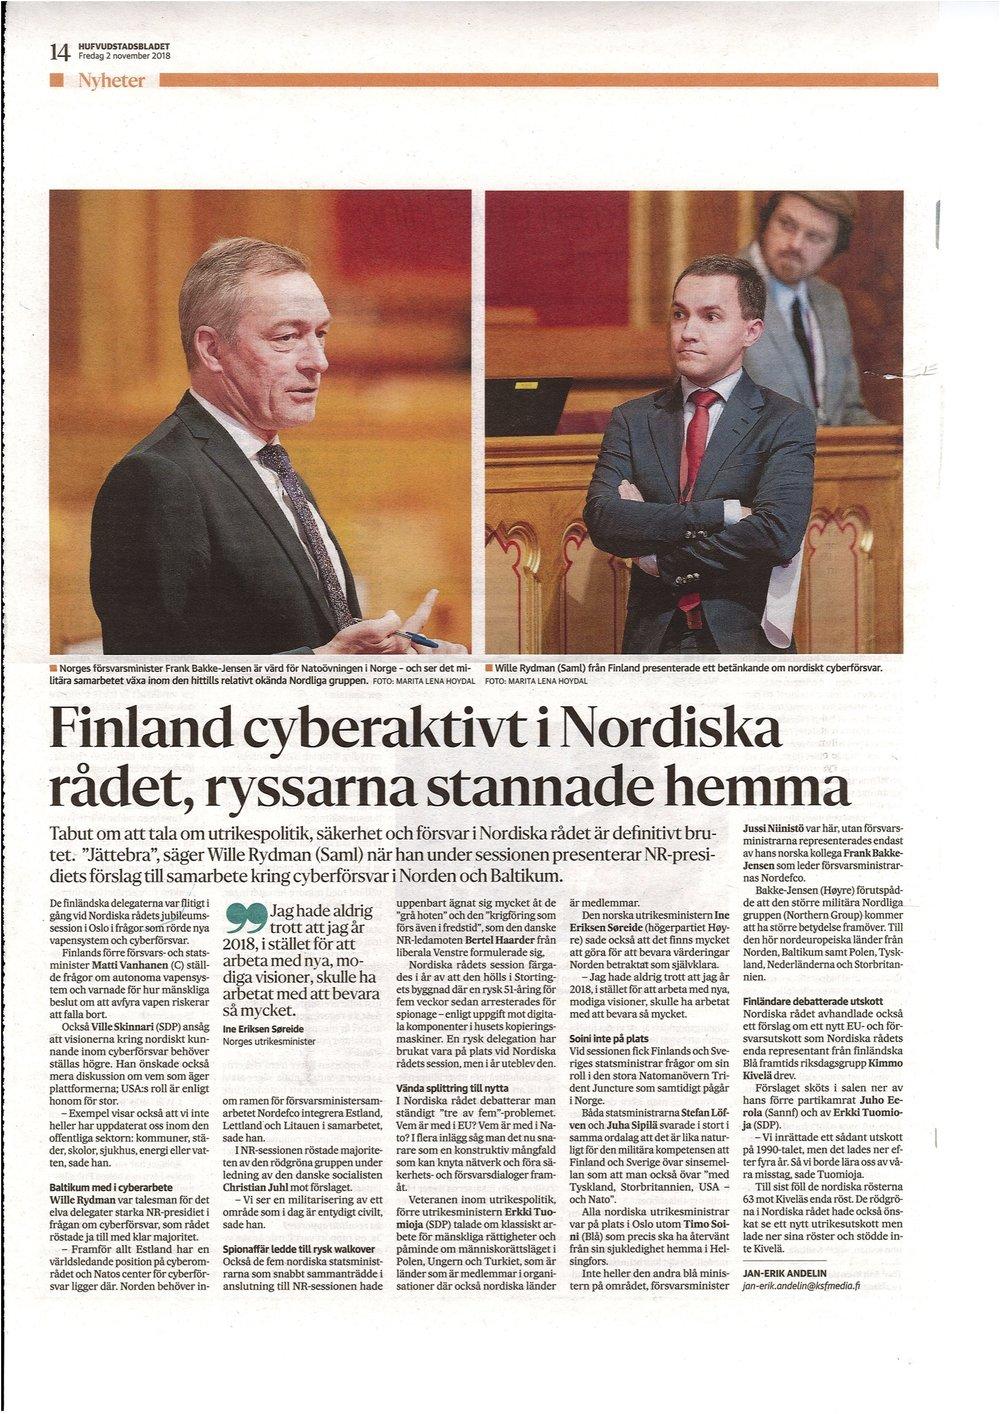 Finland cyberaktivt i Nordiska rådet, ryssarna stannade hemma - HBL 2.11.2018